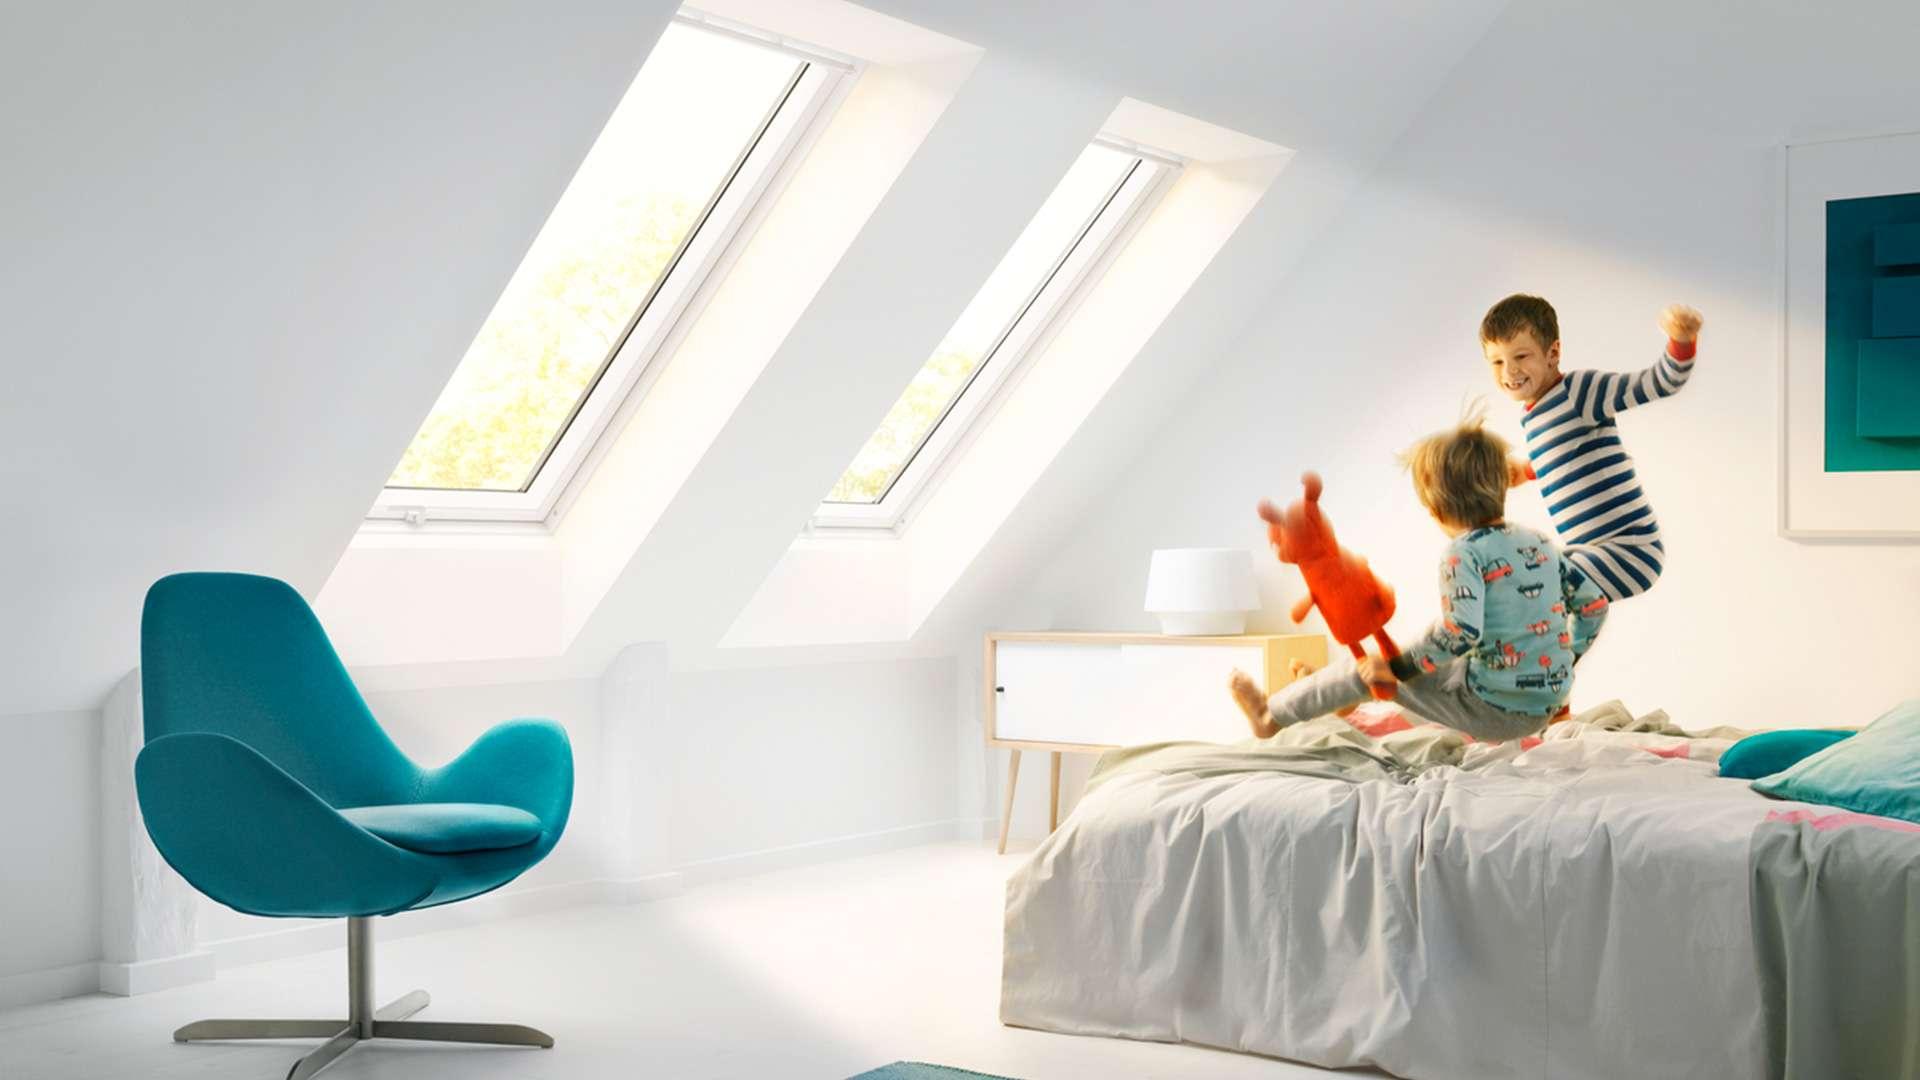 zwei Klapp-Schwing-Fenster in einer Dachschräge eines Schlafzimmers